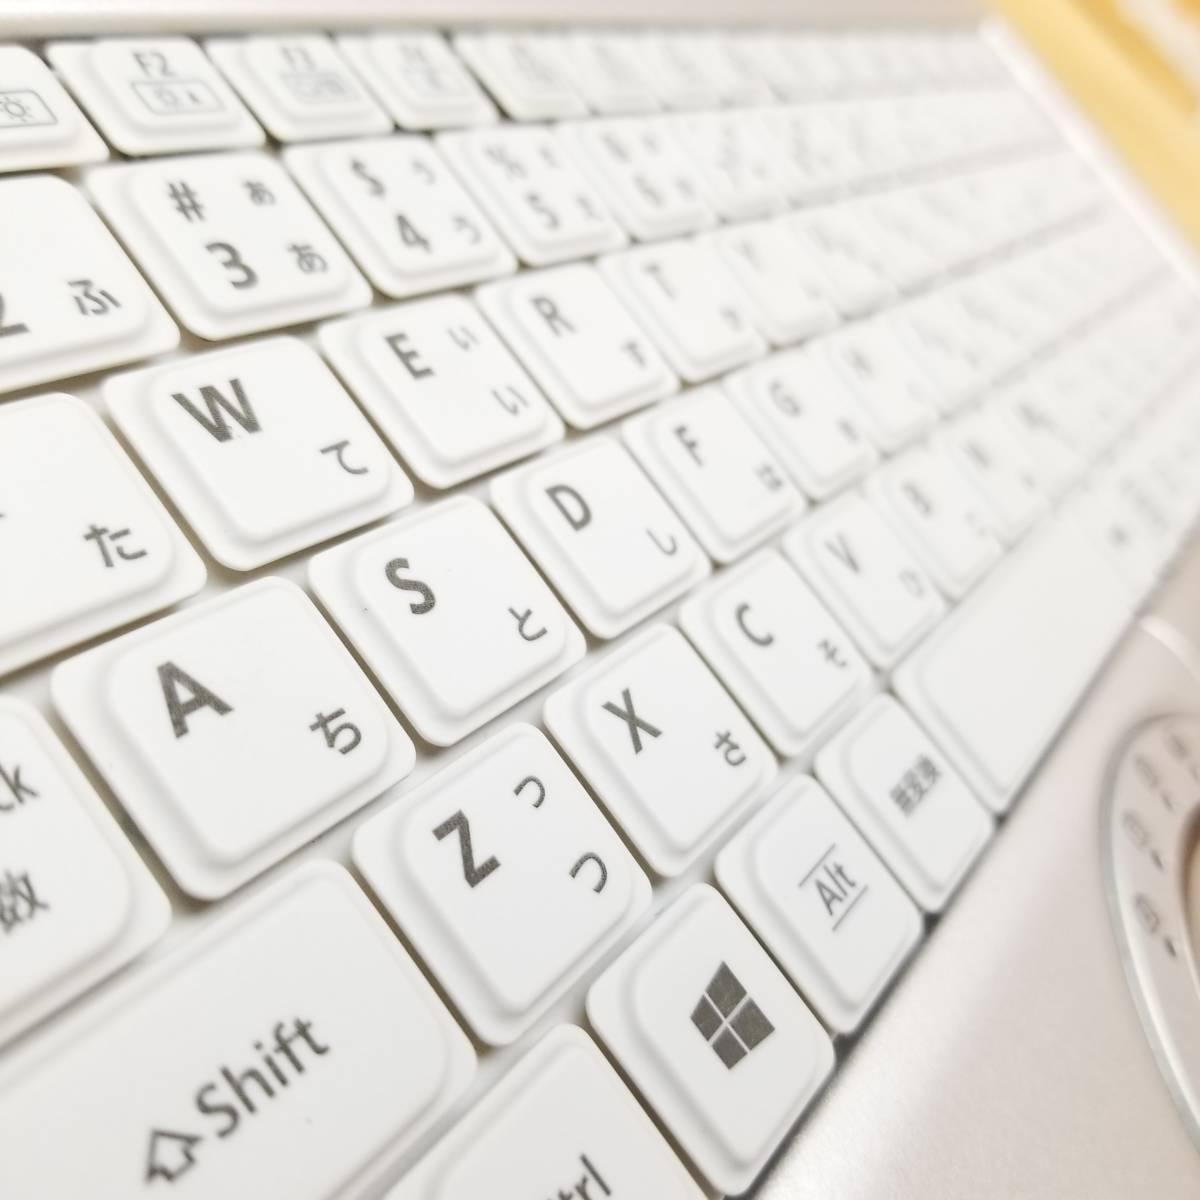 ★2015年モデル・美品★高性能第5世代i5(ターボ)搭載/HDD320GB/メモリ8GB/Wi-Fi/Webカメラ/最新Office搭載/Win10/Let'snote CF-NX4(C7112)_★キーボードやパームレストも綺麗です★